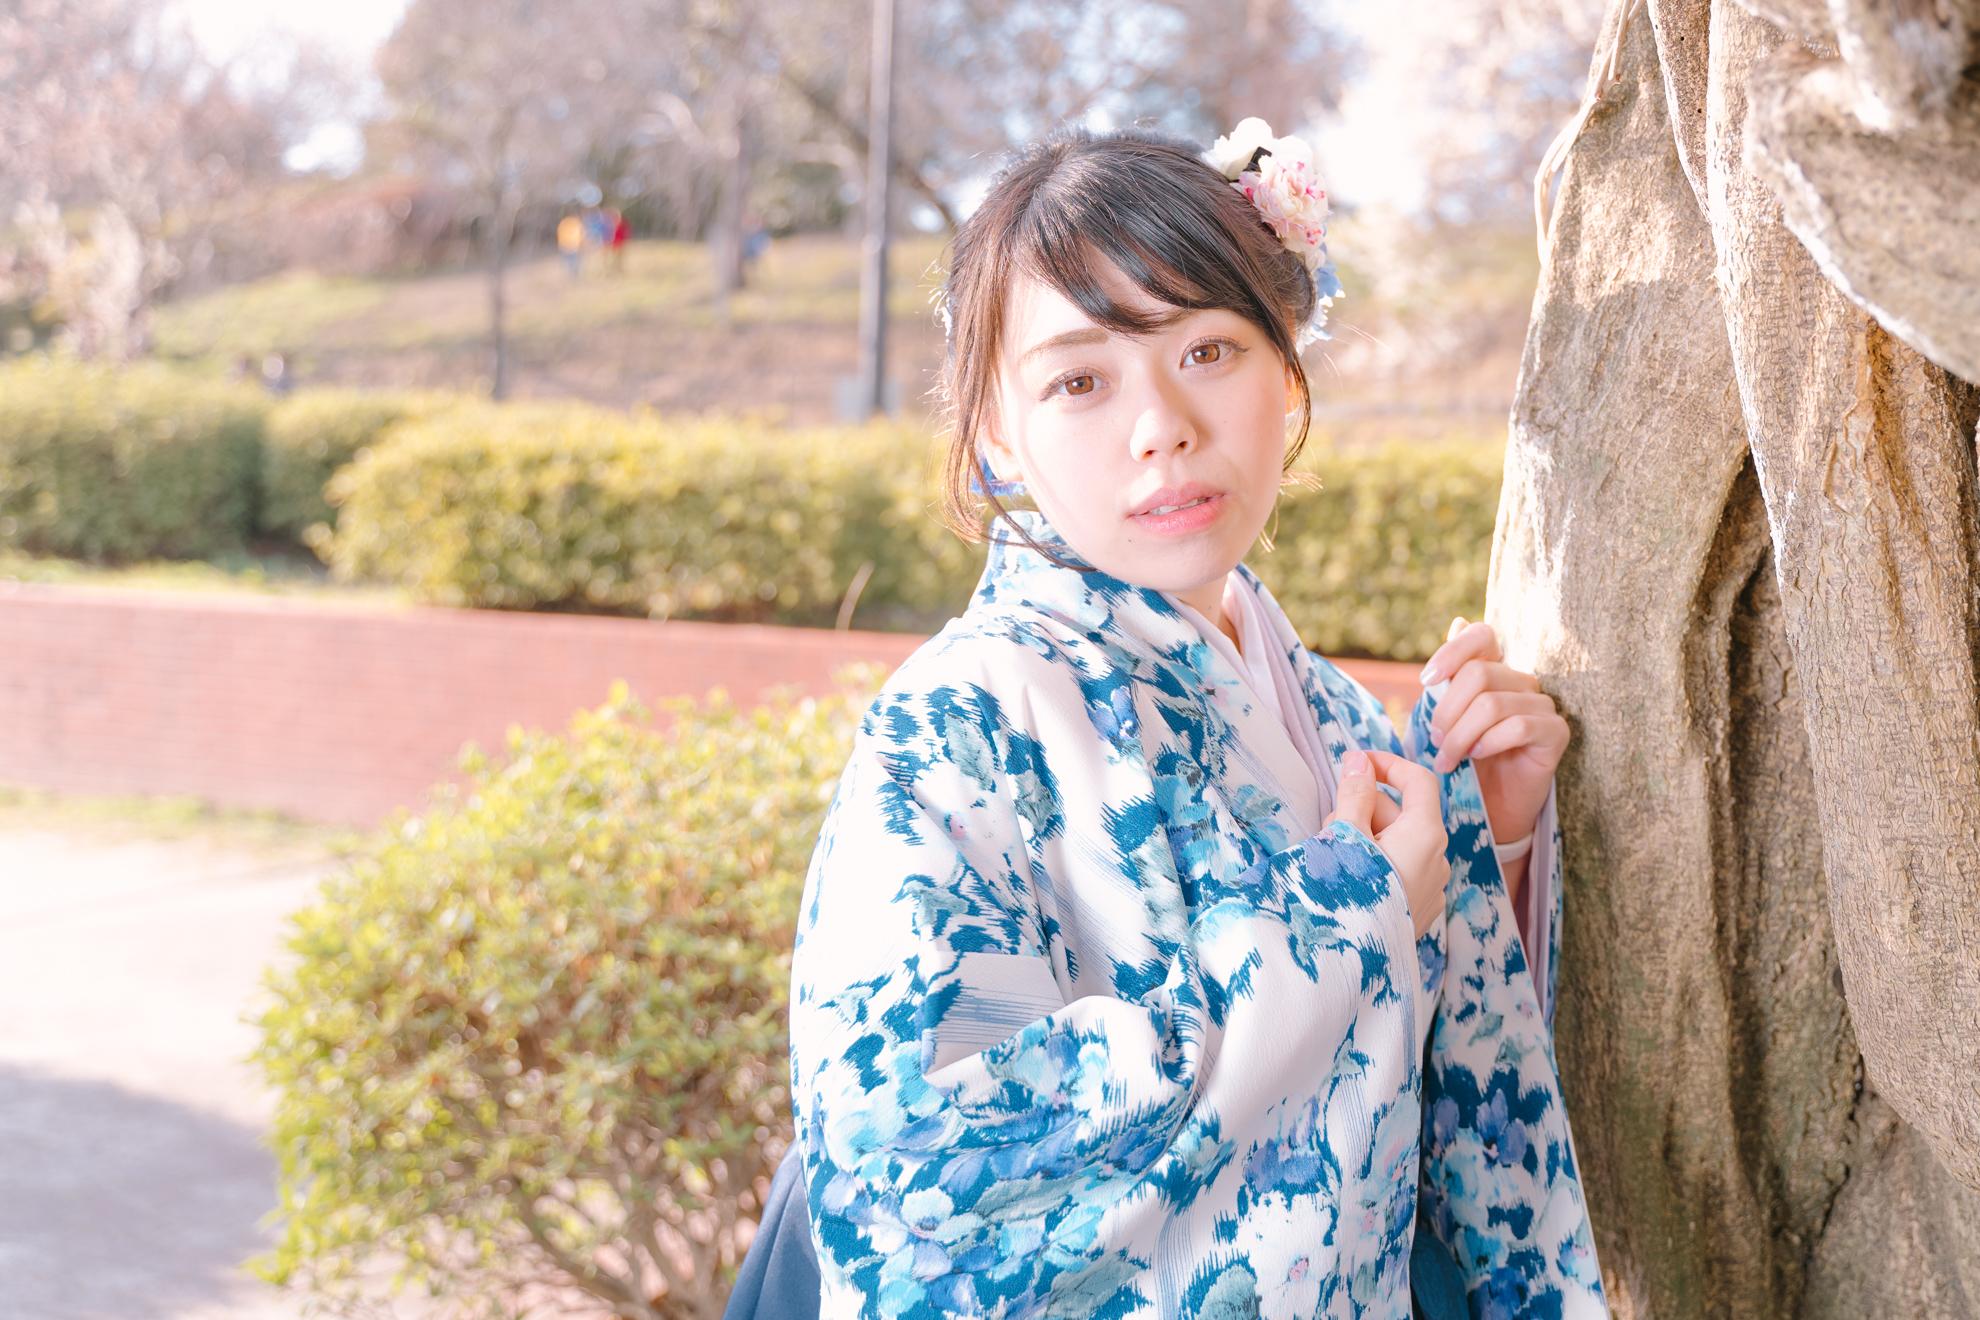 仙台市での卒業式での袴撮影